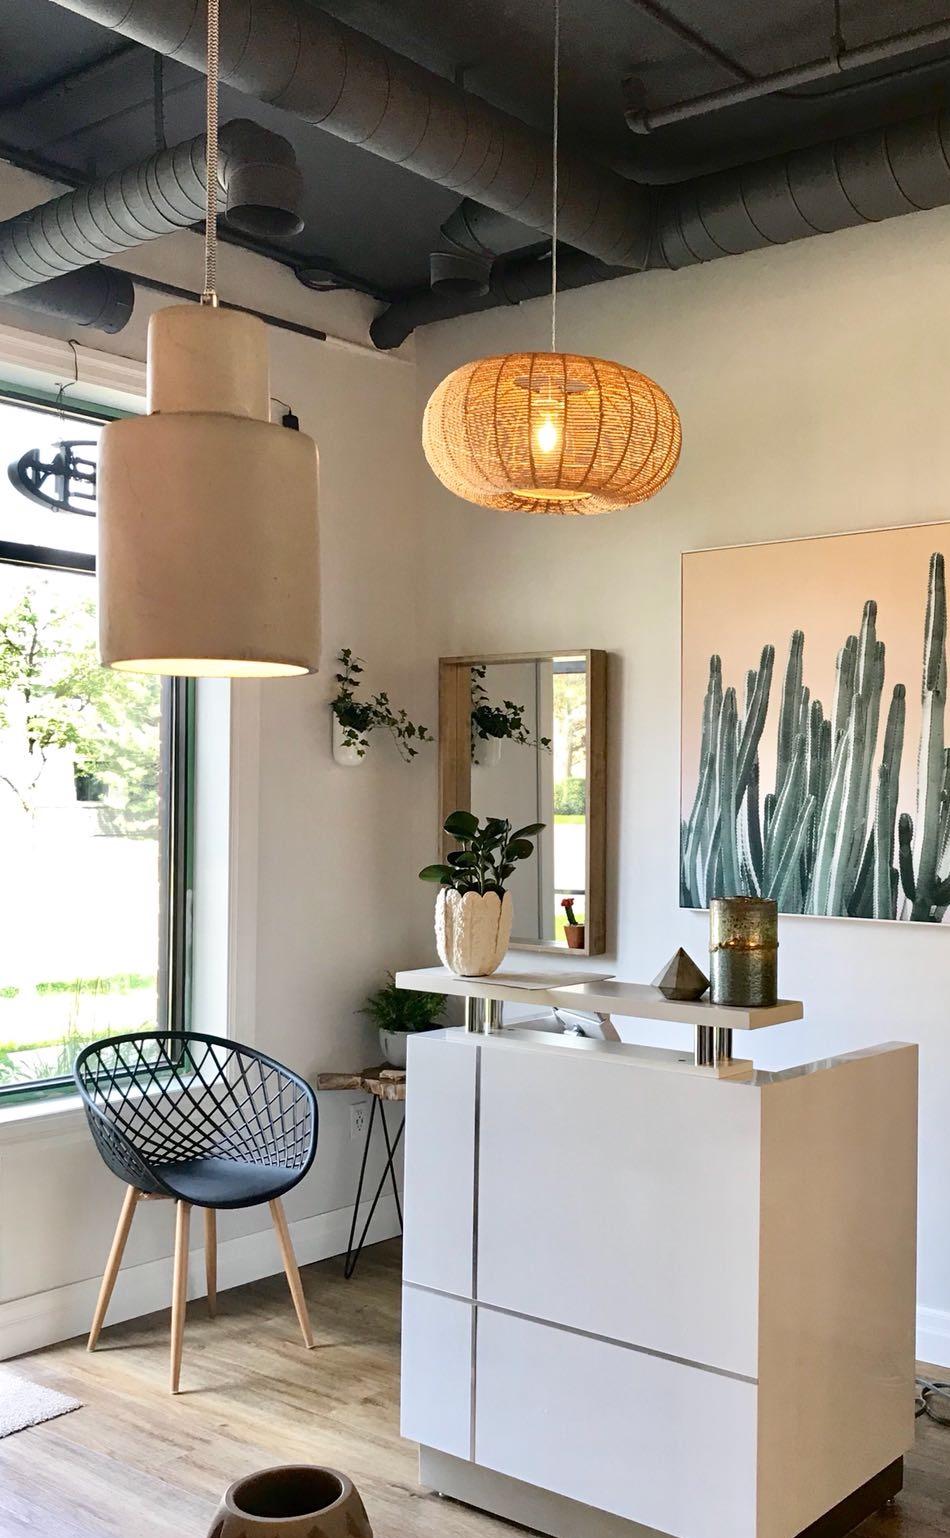 Nail Haven Wax Bar | hair care | 170 Rockhaven Ln #102, Waterdown, ON L8B 1B5, Canada | 9056900202 OR +1 905-690-0202